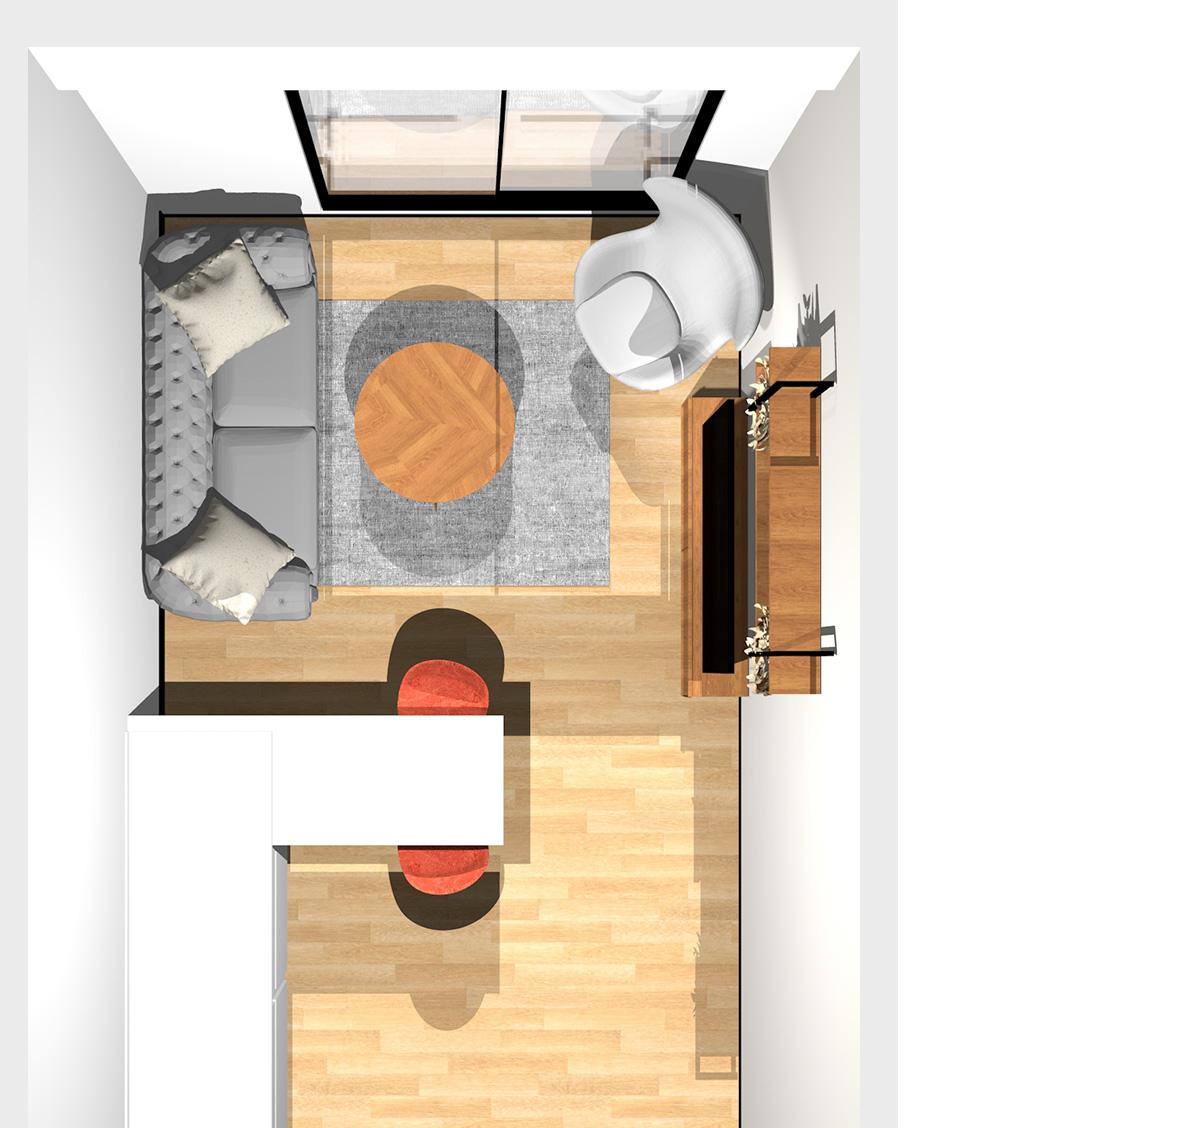 1~2人暮らしに最適!コンパクトなダイニングの作り方がセンス抜群のリビングダイニング(壁付けI型キッチン)のパース